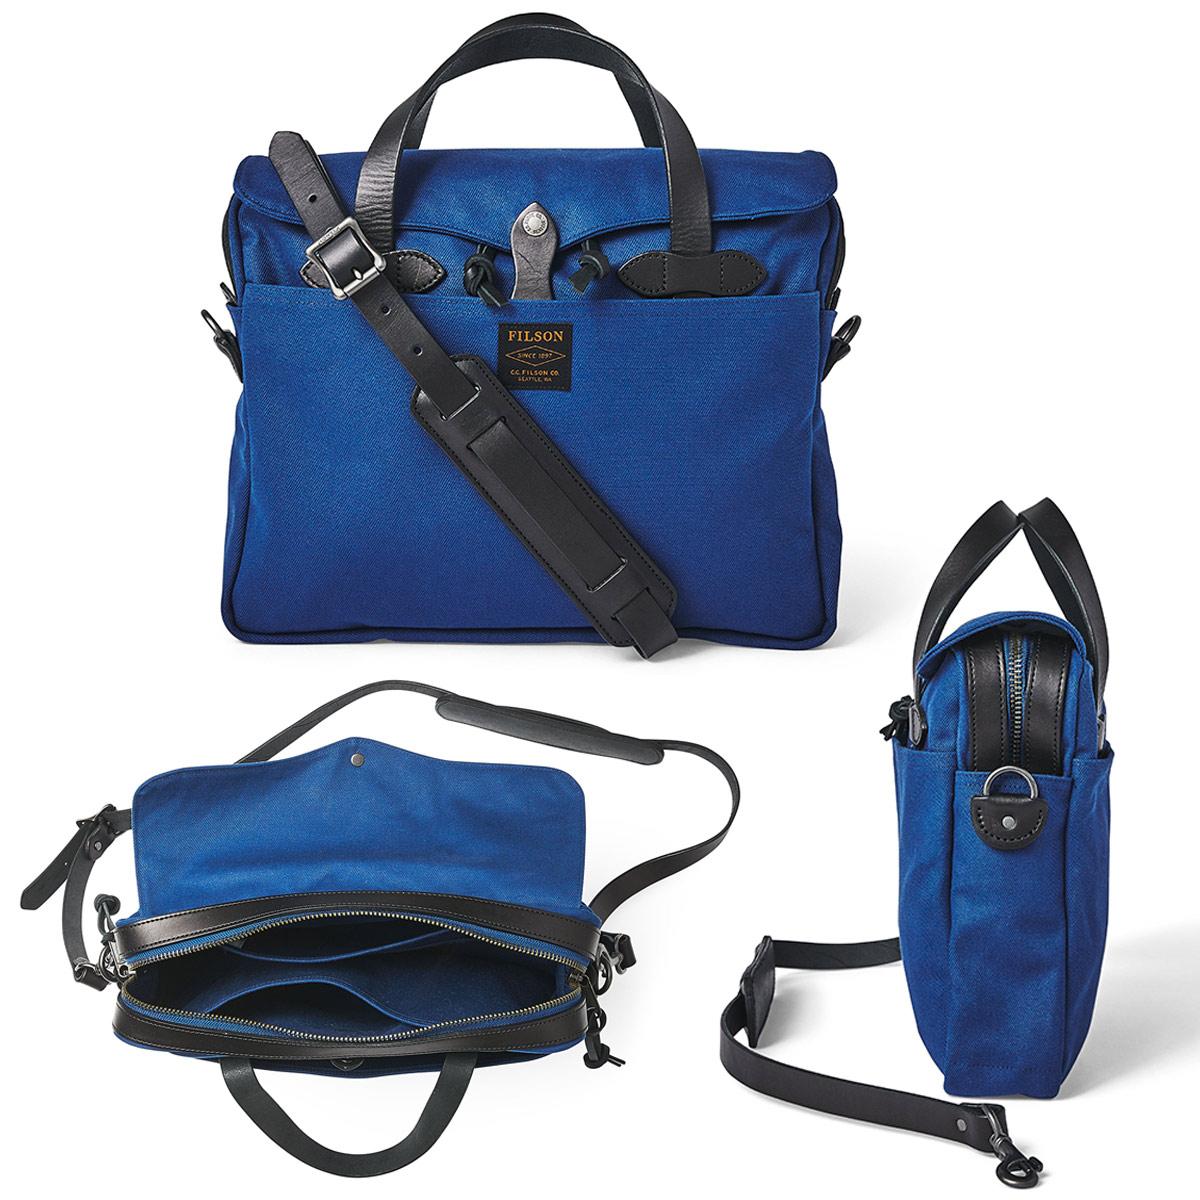 Filson Original Briefcase Flag Blue, extraordinary bag for an ordinary day